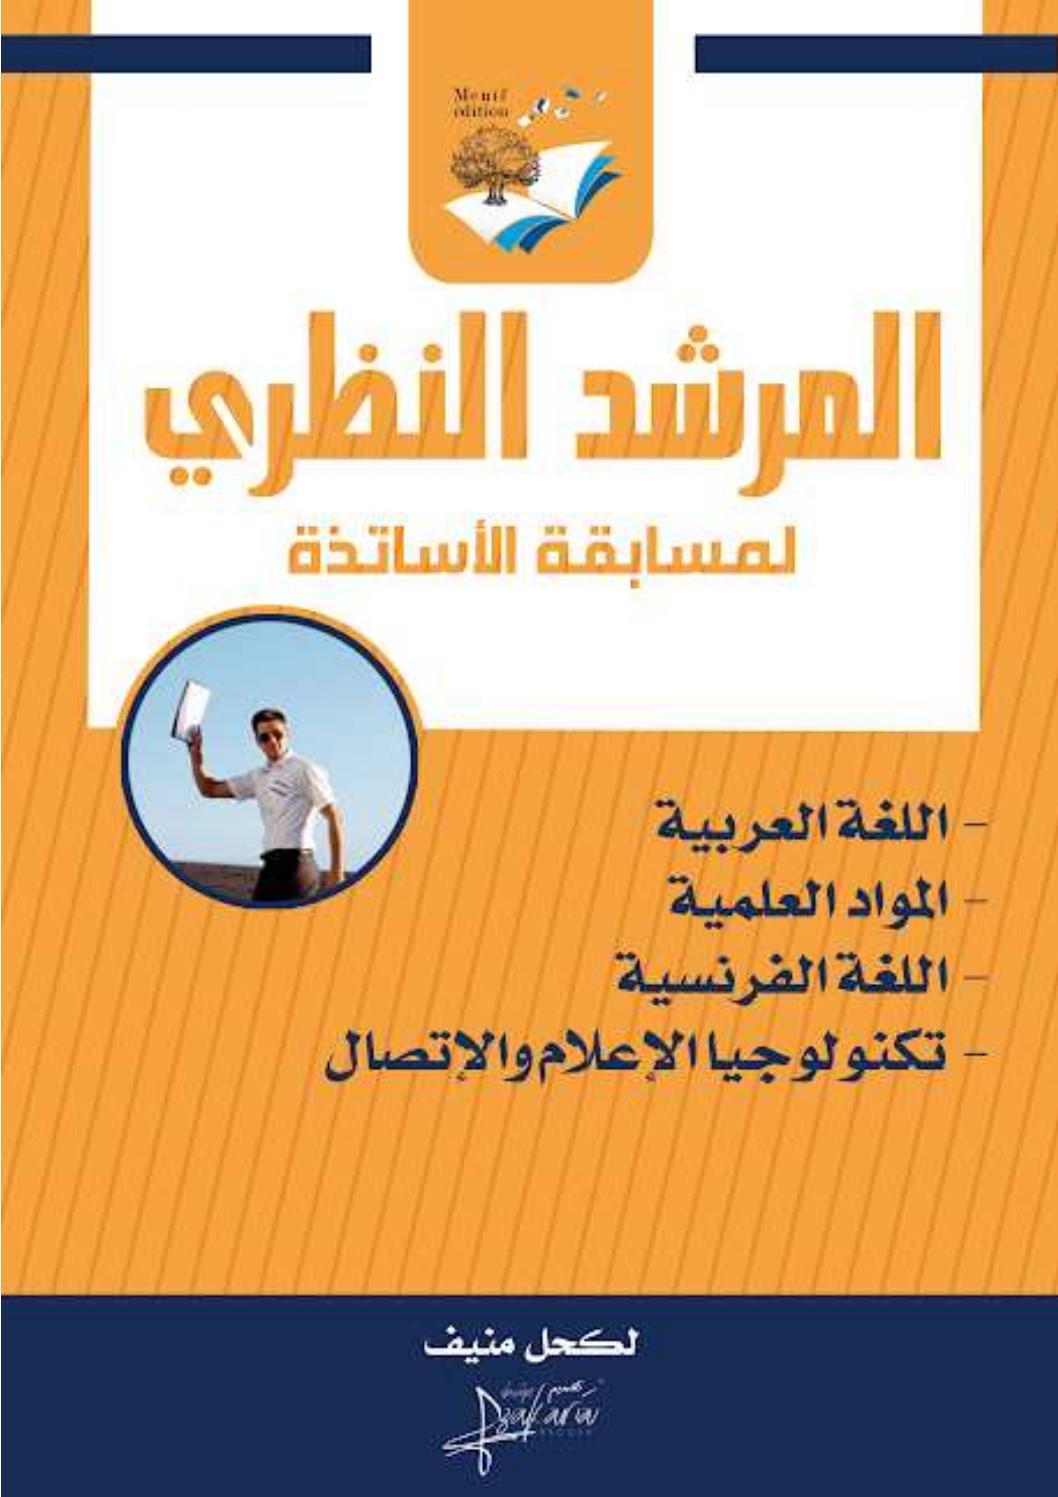 dbbbe8e1ee36a كـتـاب الـمـرشـد الـنـظـري لاختبارات الاساتذة by عمر أبوالخير - issuu